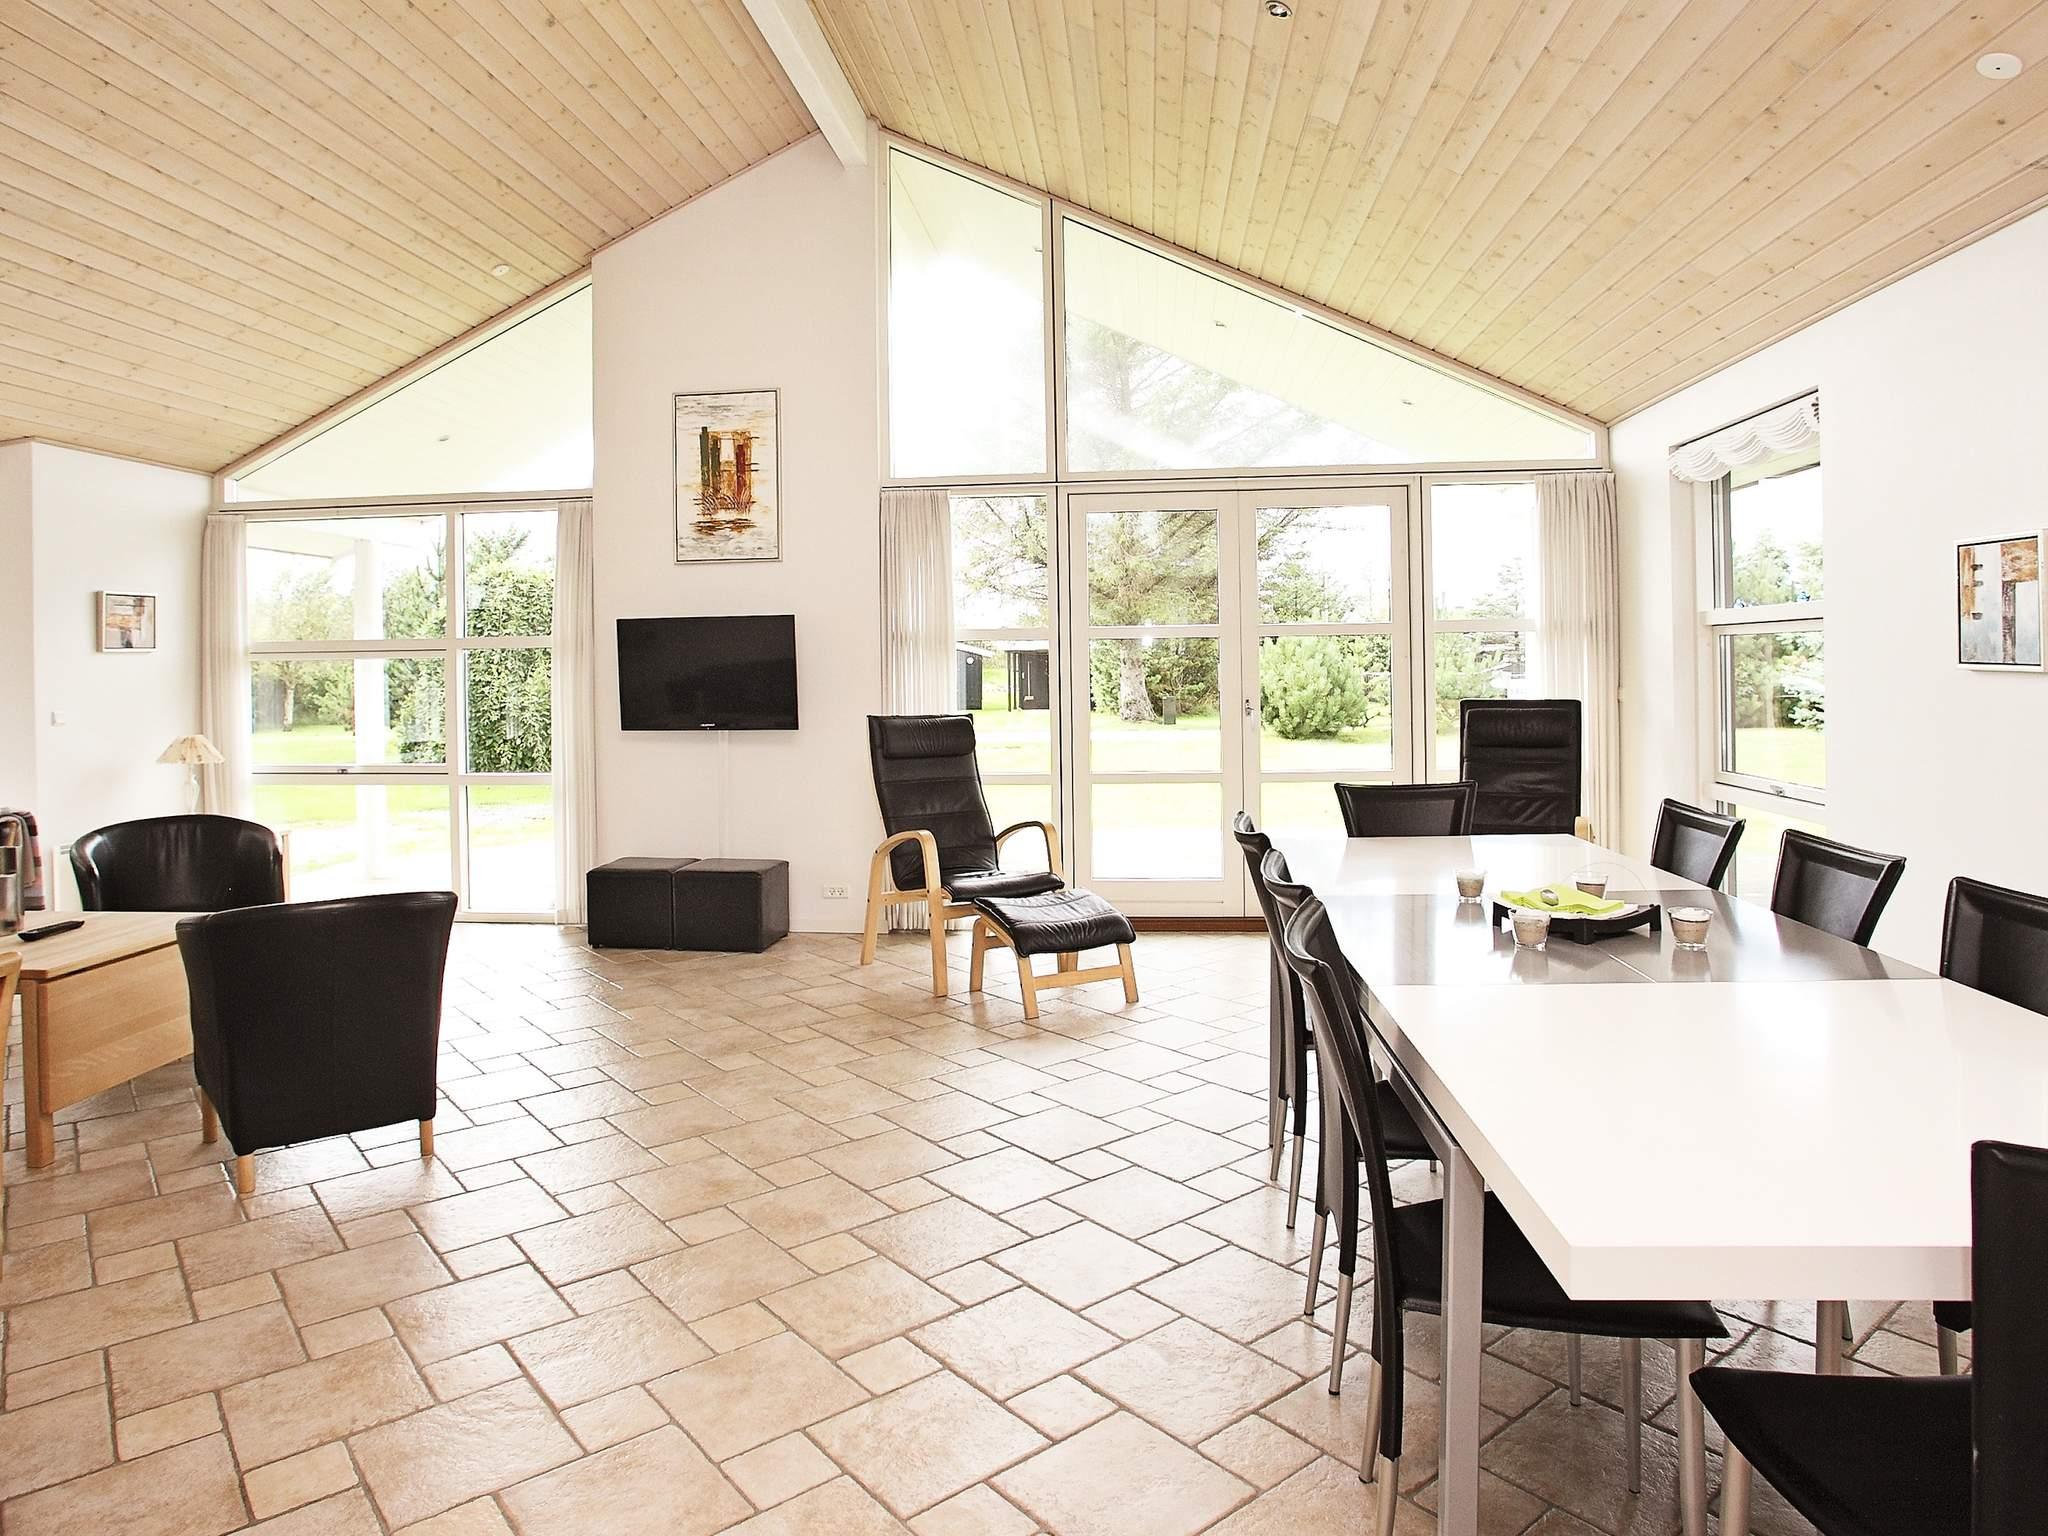 Ferienhaus Lønstrup (83300), Lønstrup, , Nordwestjütland, Dänemark, Bild 4